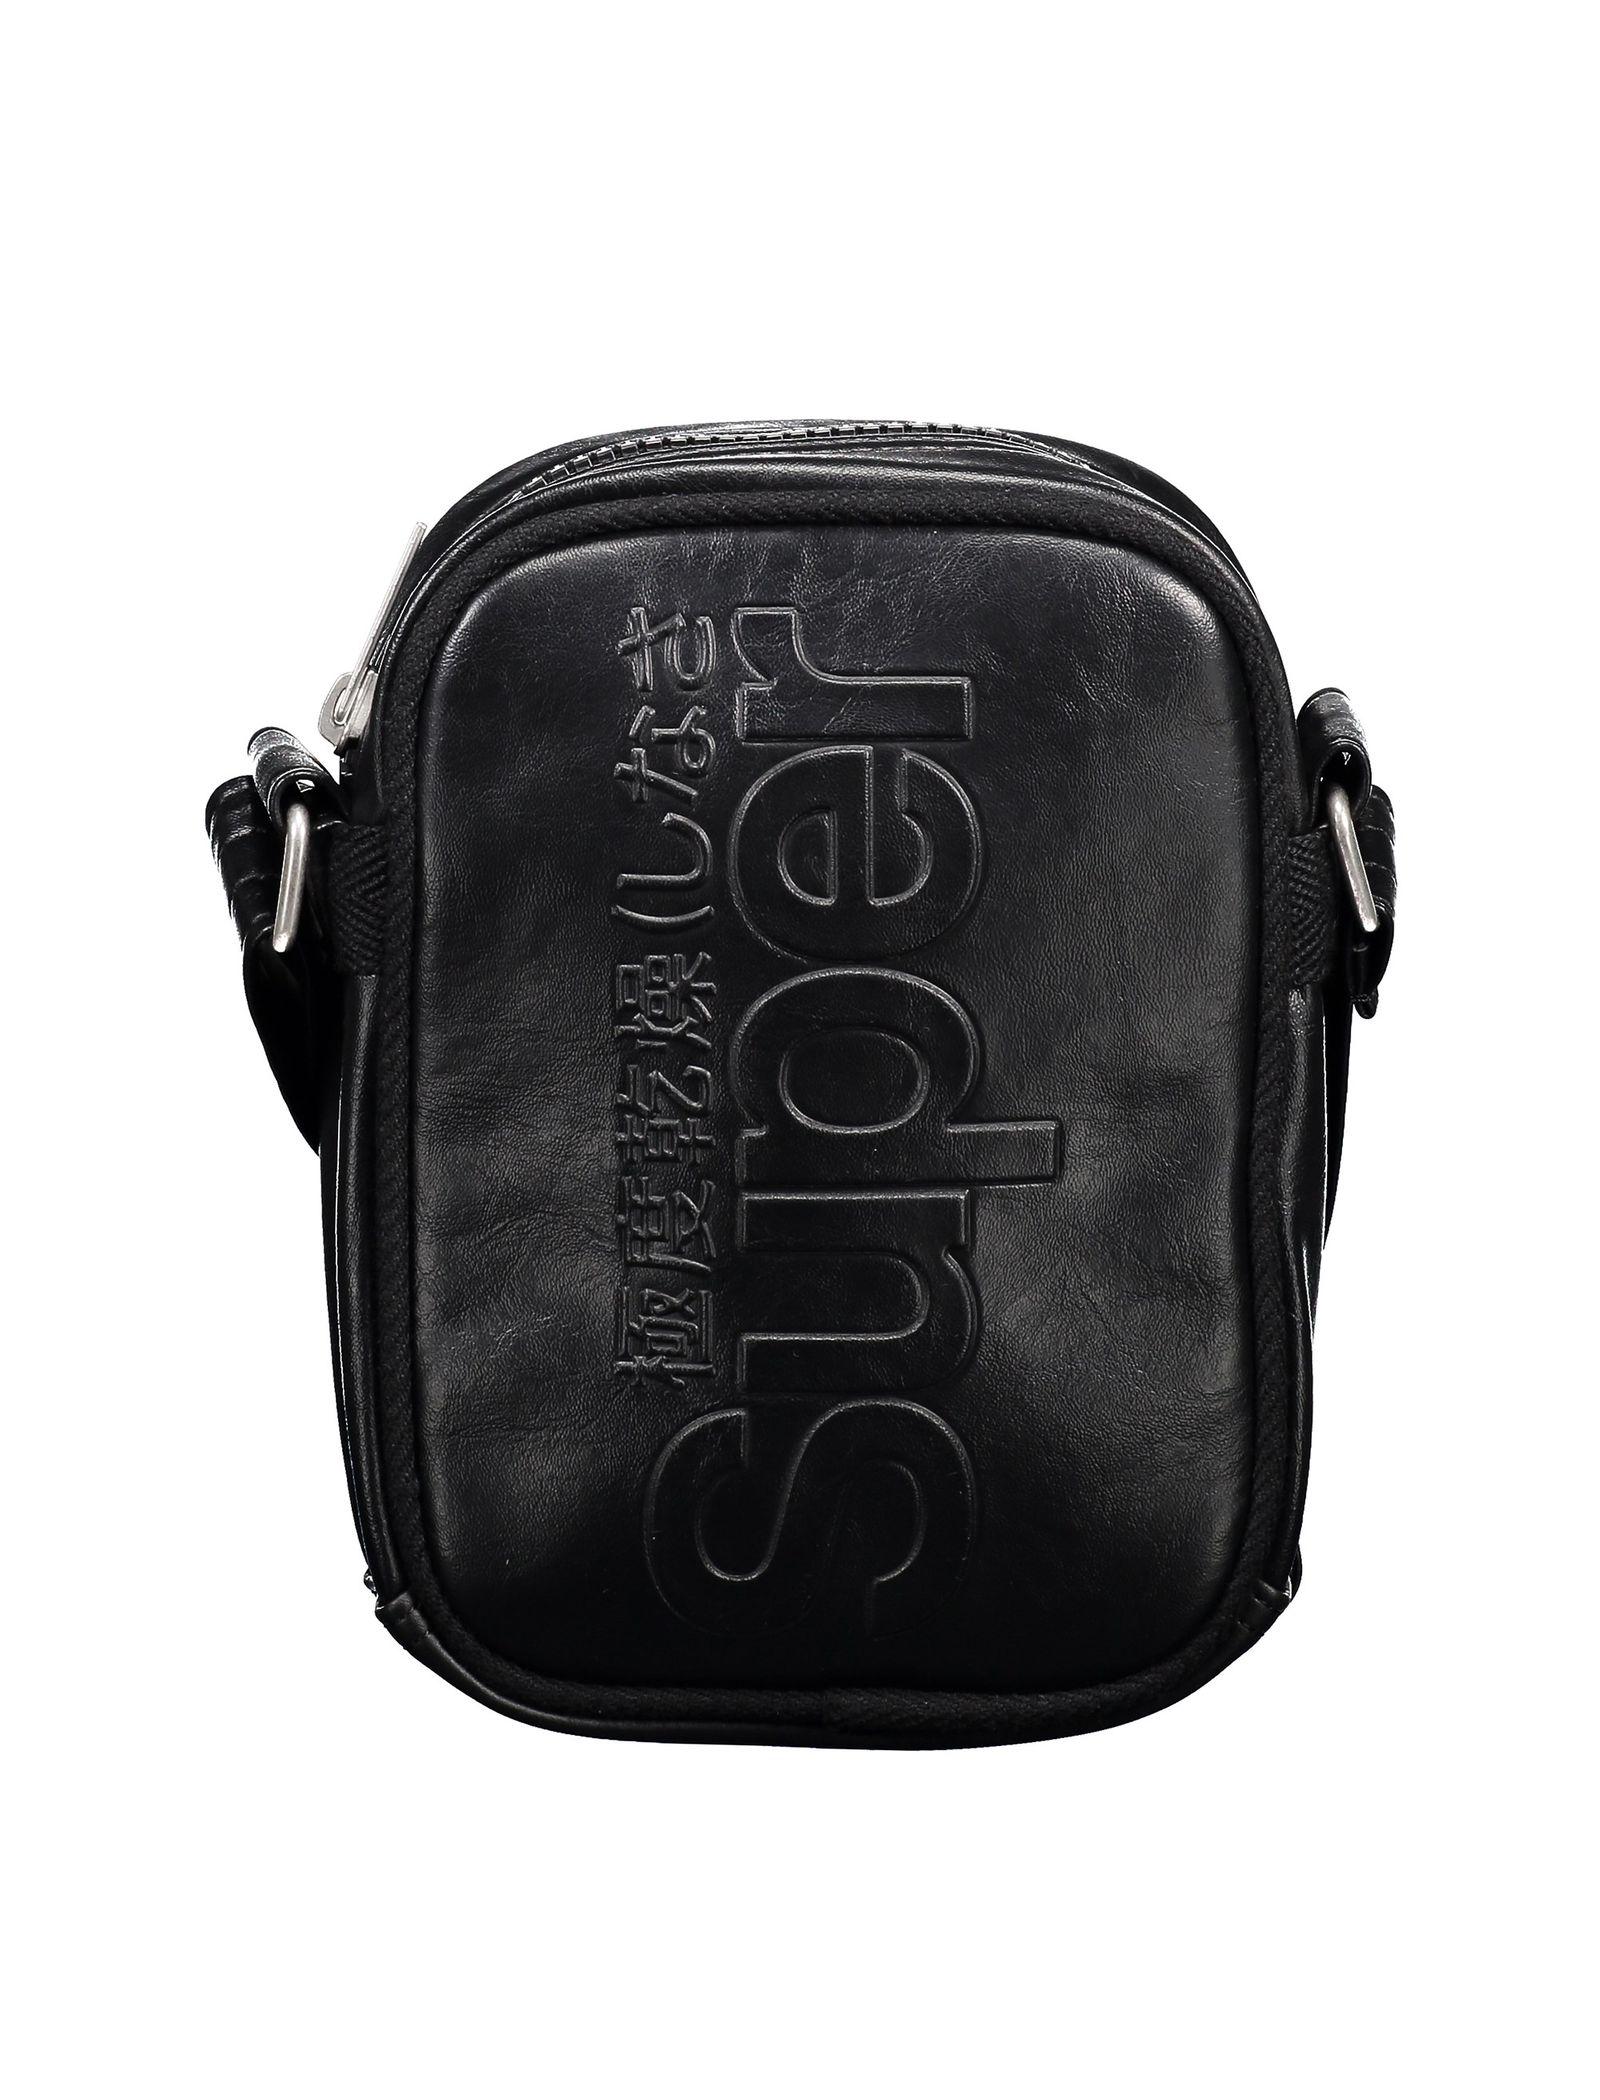 کیف دوشی روزمره بزرگسال - سوپردرای - Black - 10